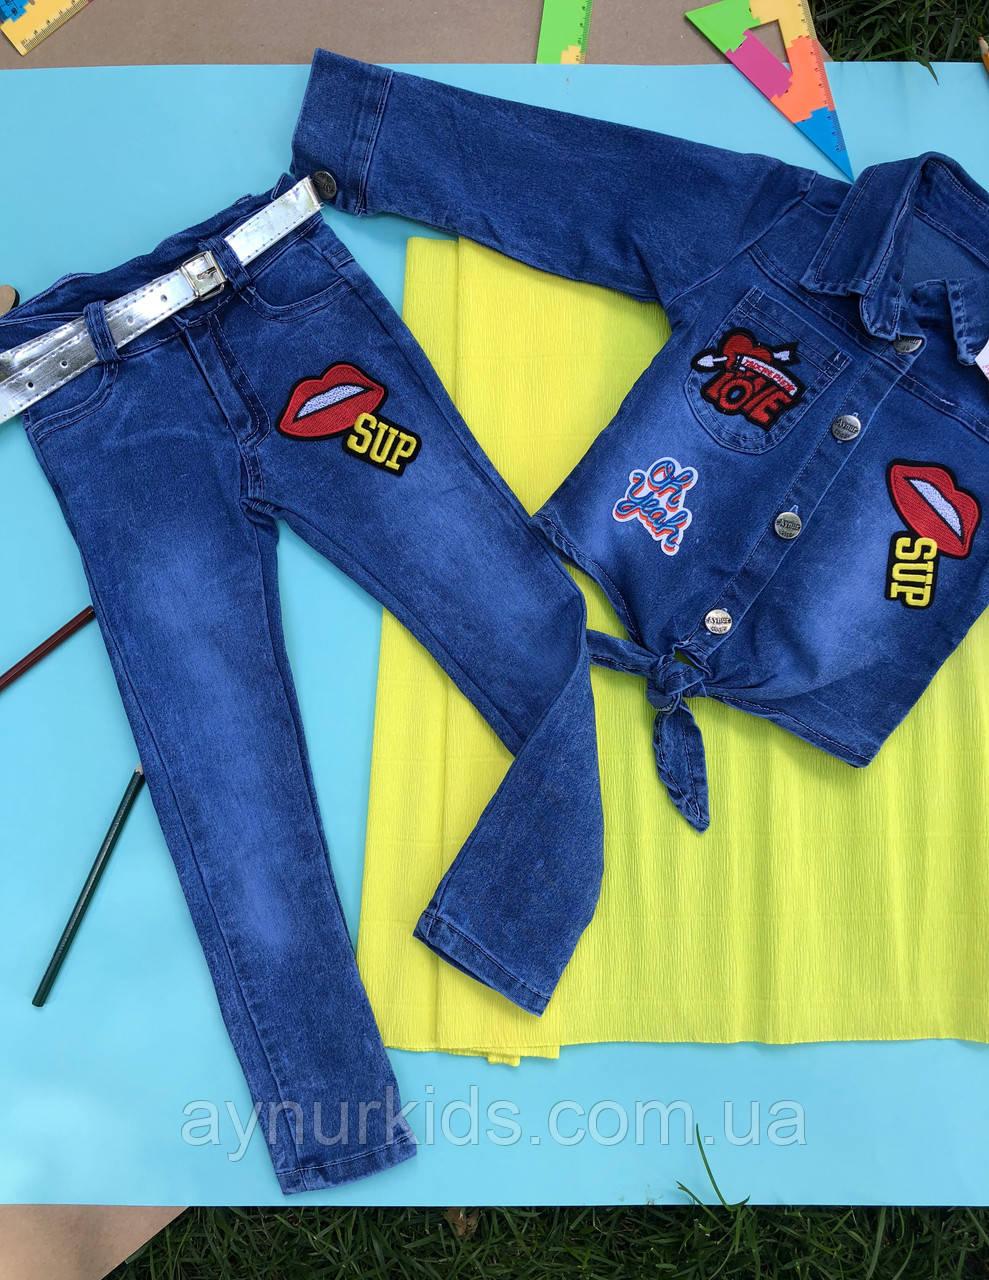 Стильный джинсовый комплект 1-2-3-4 года